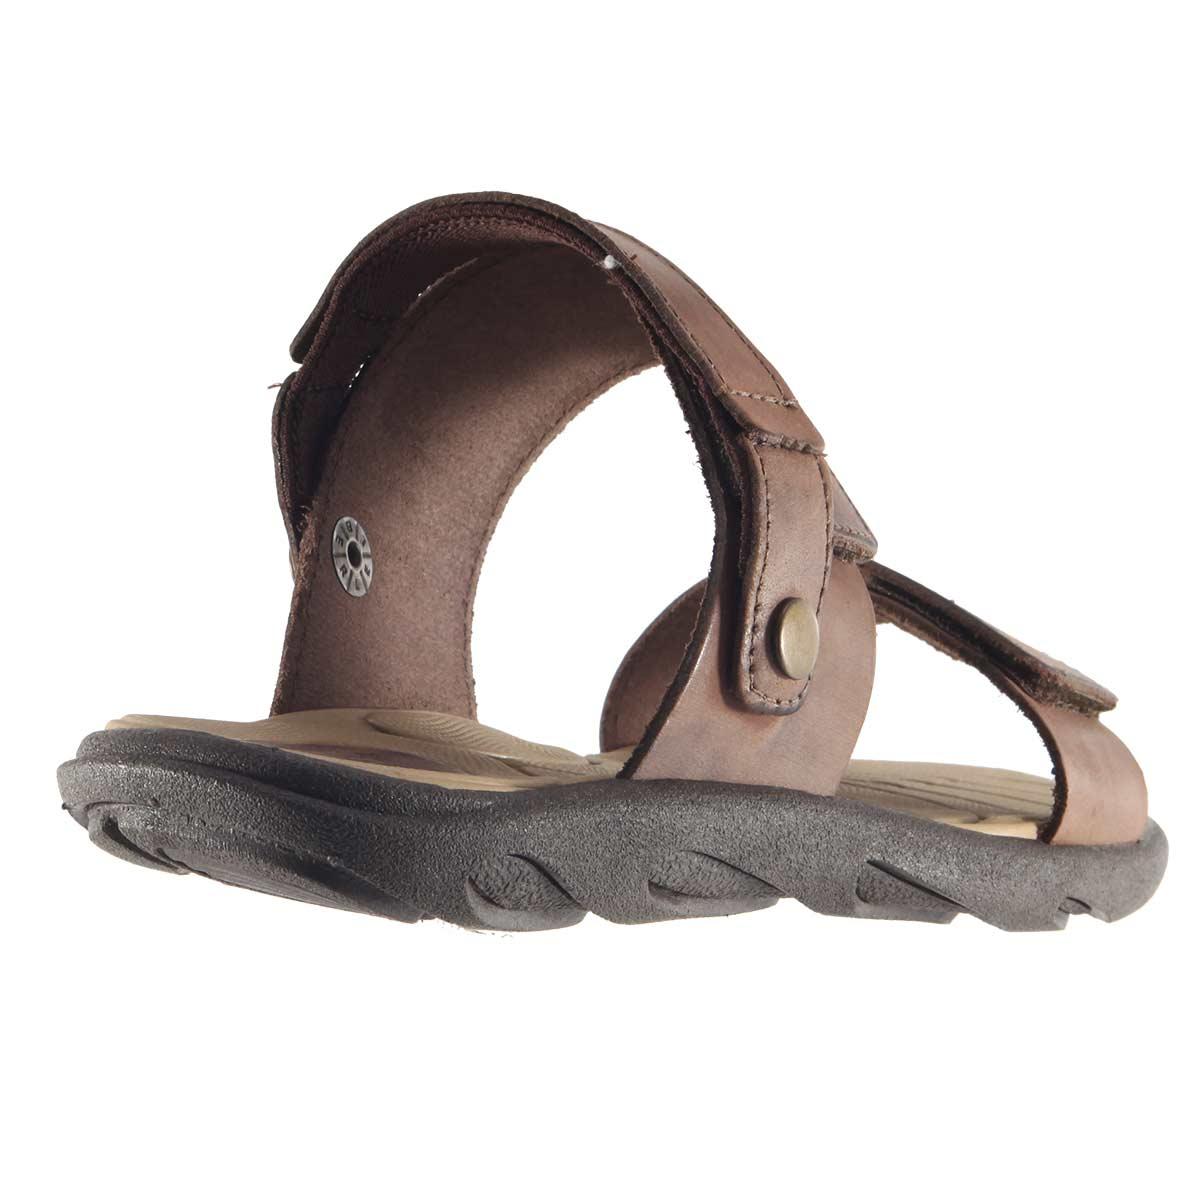 Sandália Itapuã Street Chinelo Masculina Couro Legítimo Velcrom 15108  - Ian Calçados